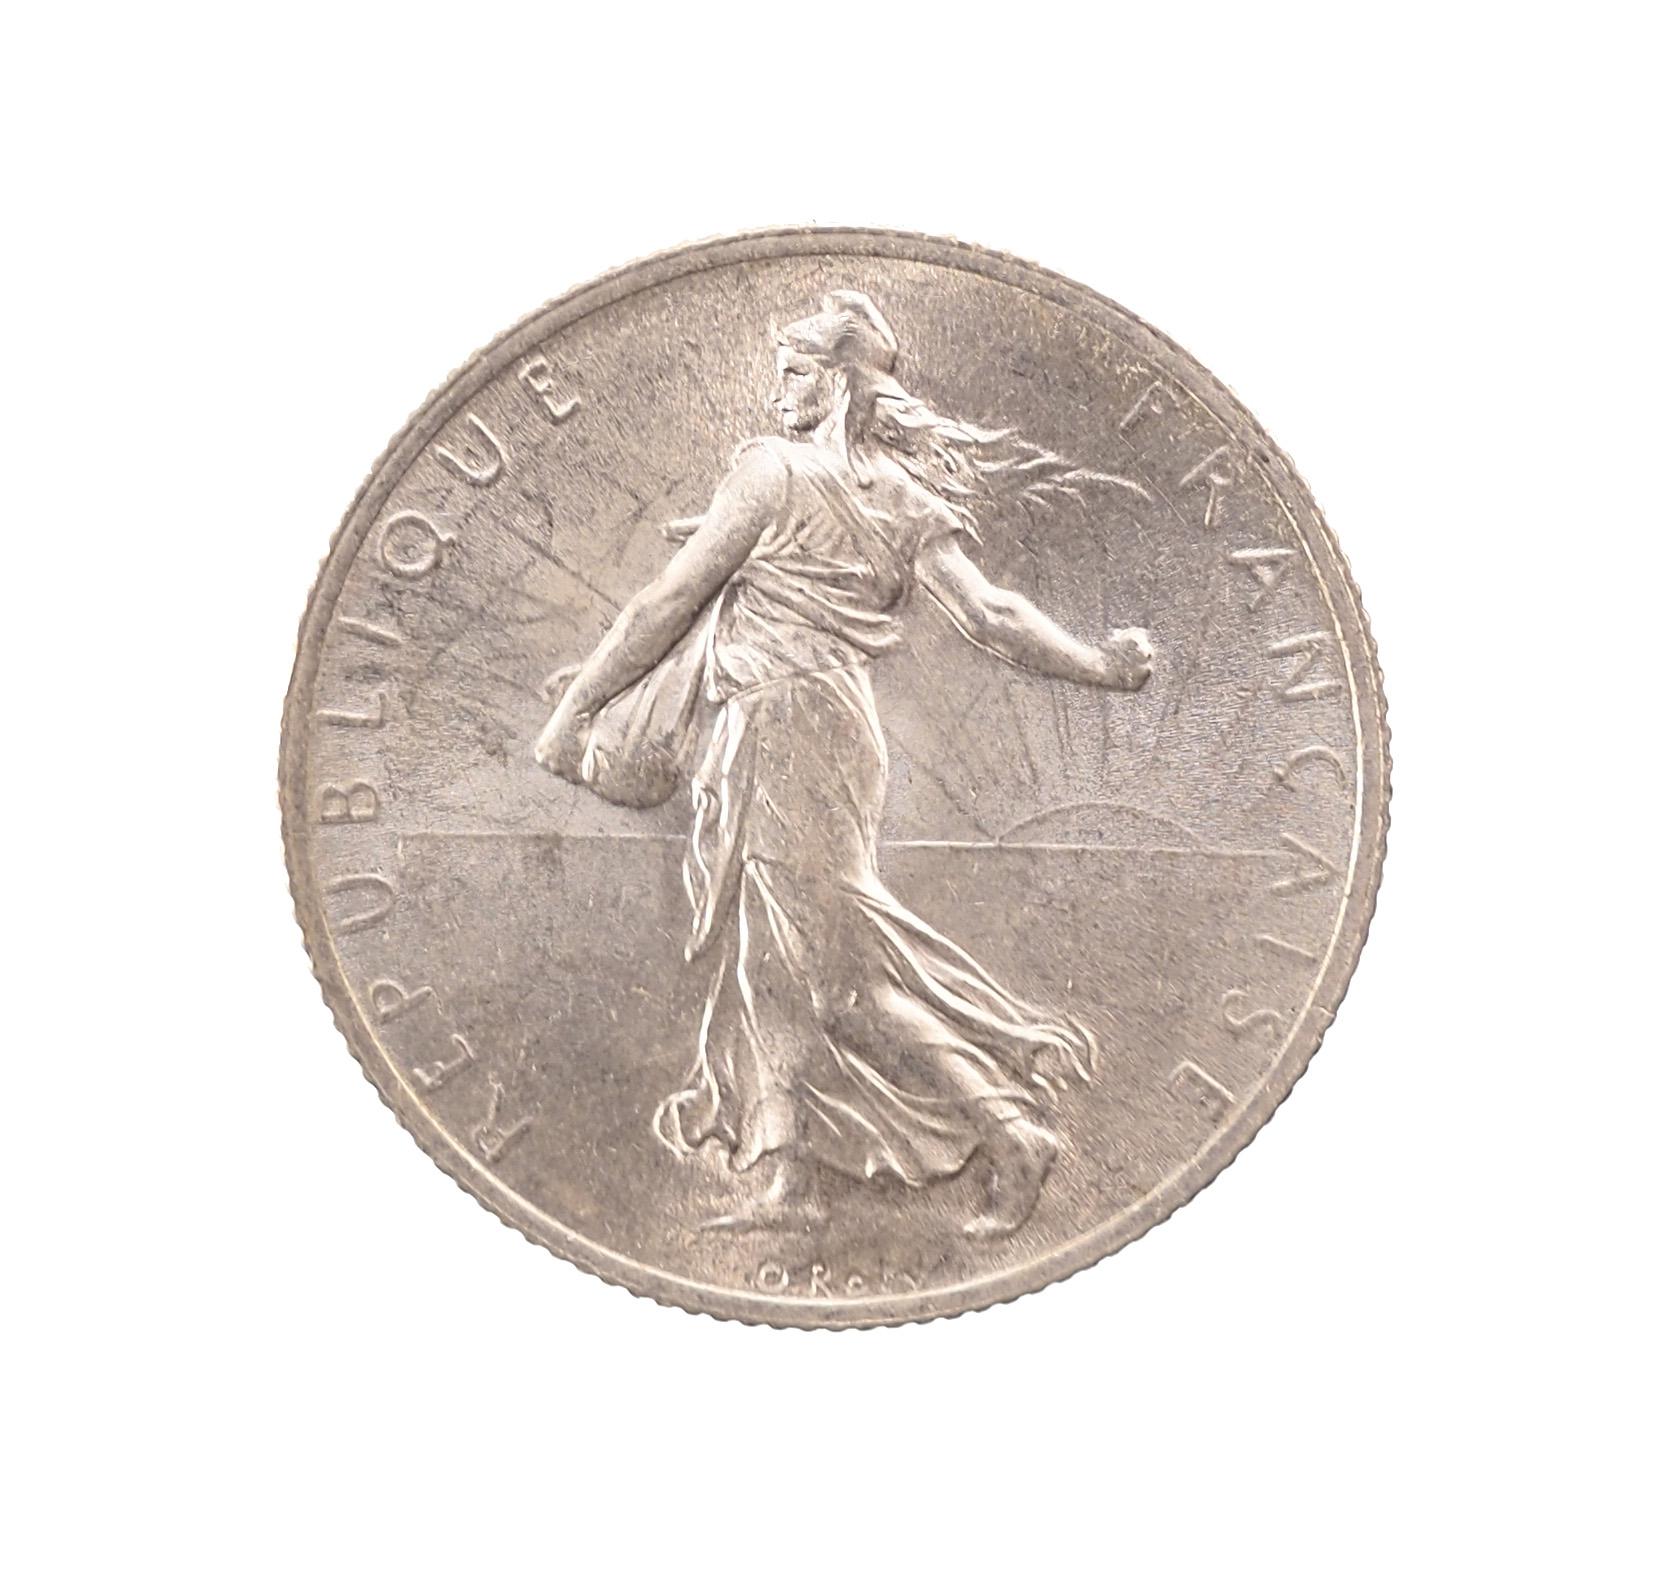 France, 2 Francs 1914 C, Castelsarrasin, Argent, SPL, Gadoury 532, Le Franc 266